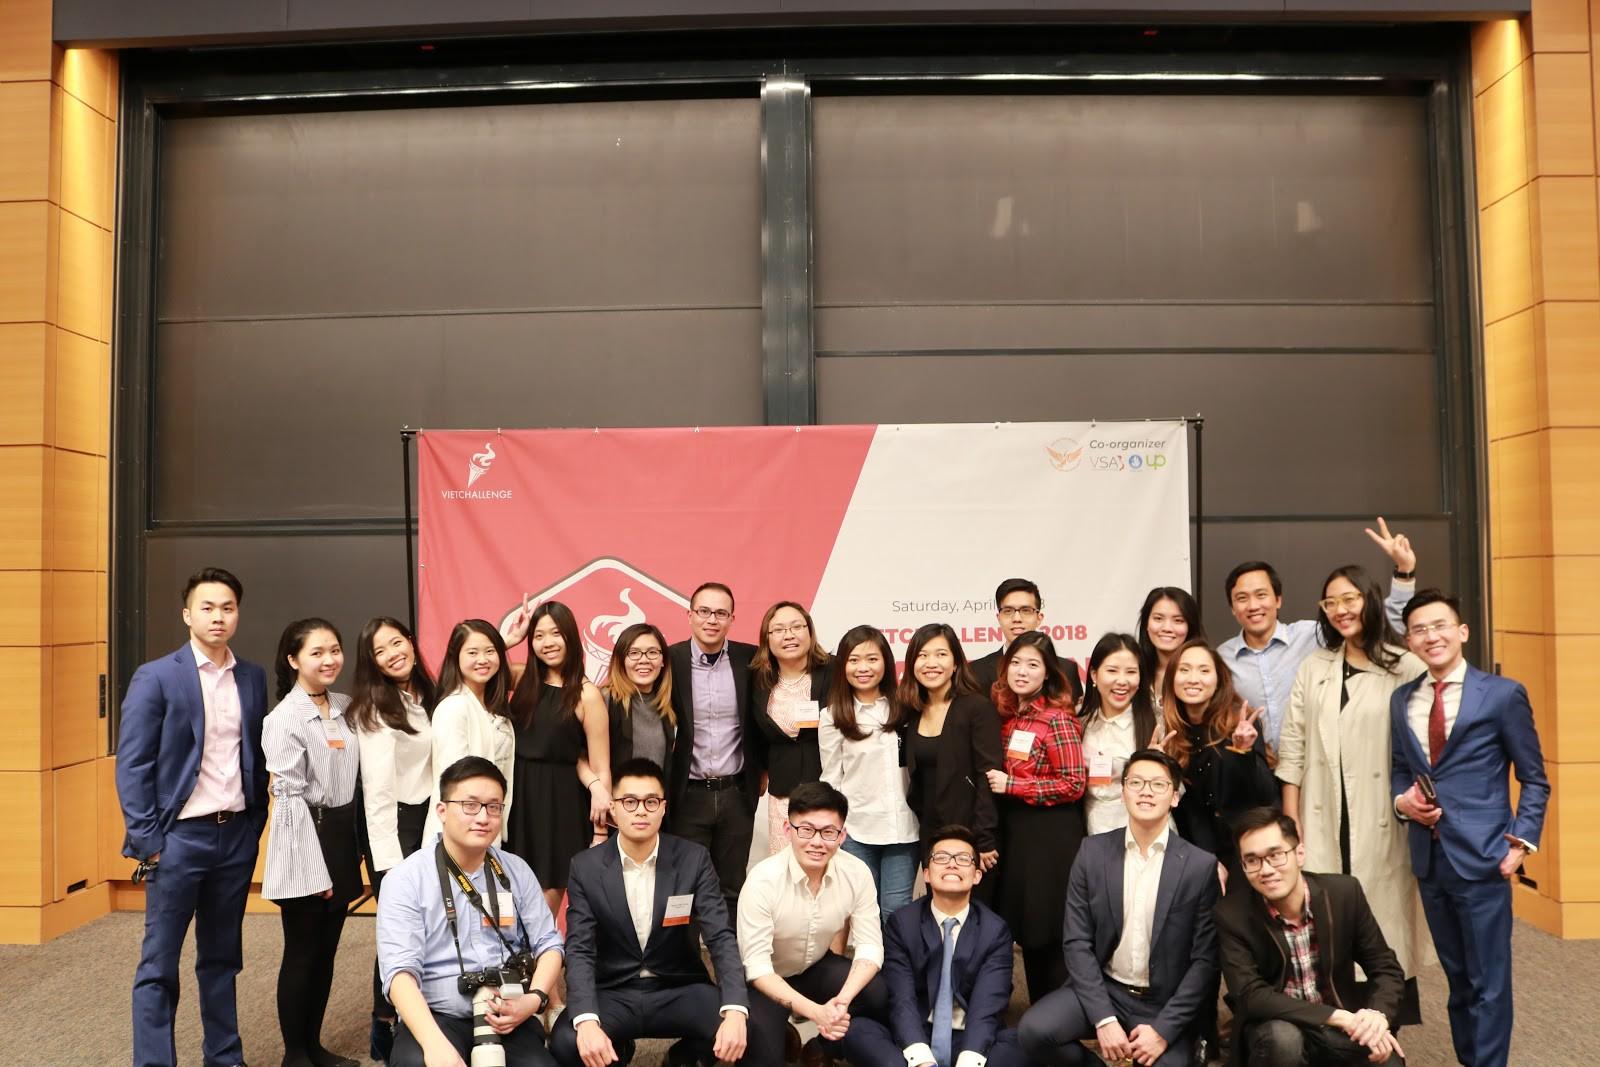 Startup của quán quân Đường lên đỉnh Olympia chiến thắng cuộc thi khởi nghiệp toàn cầu - Ảnh 3.